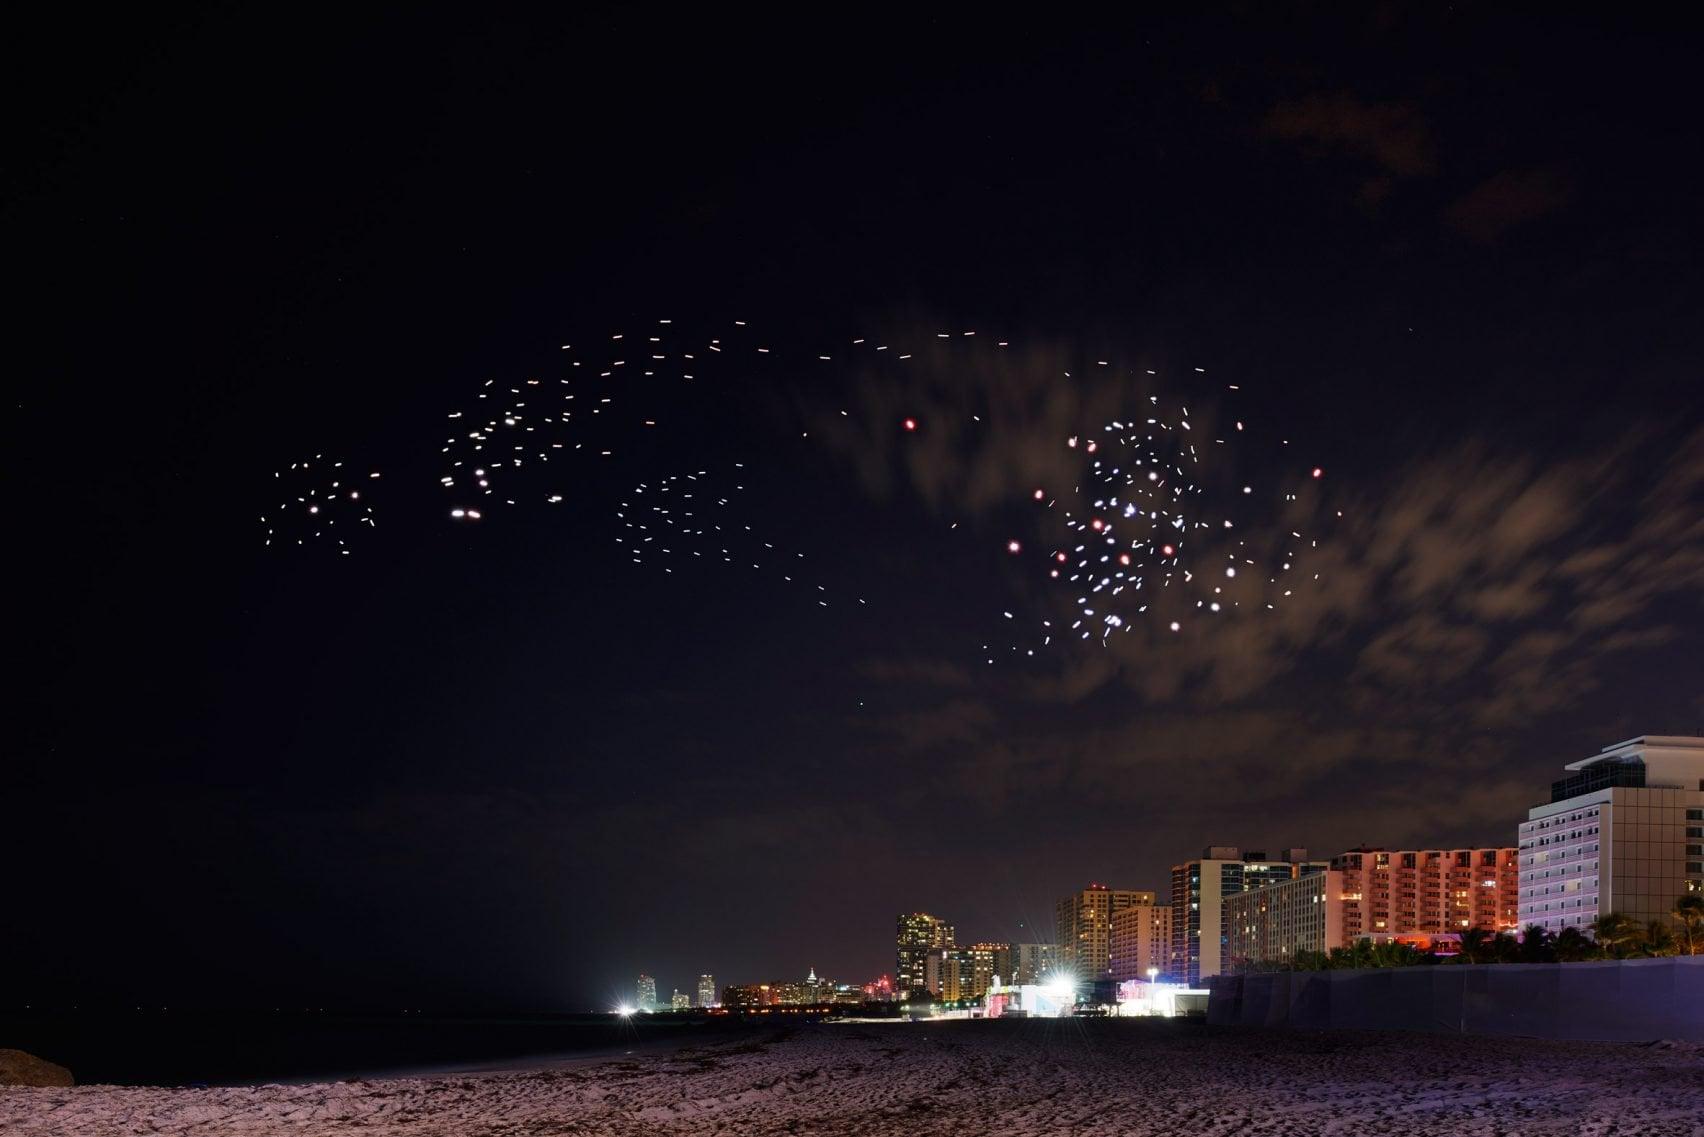 Drone Sürüsü Kuşlar Gibi Süzülerek Miami Sahili'ni Aydınlattı